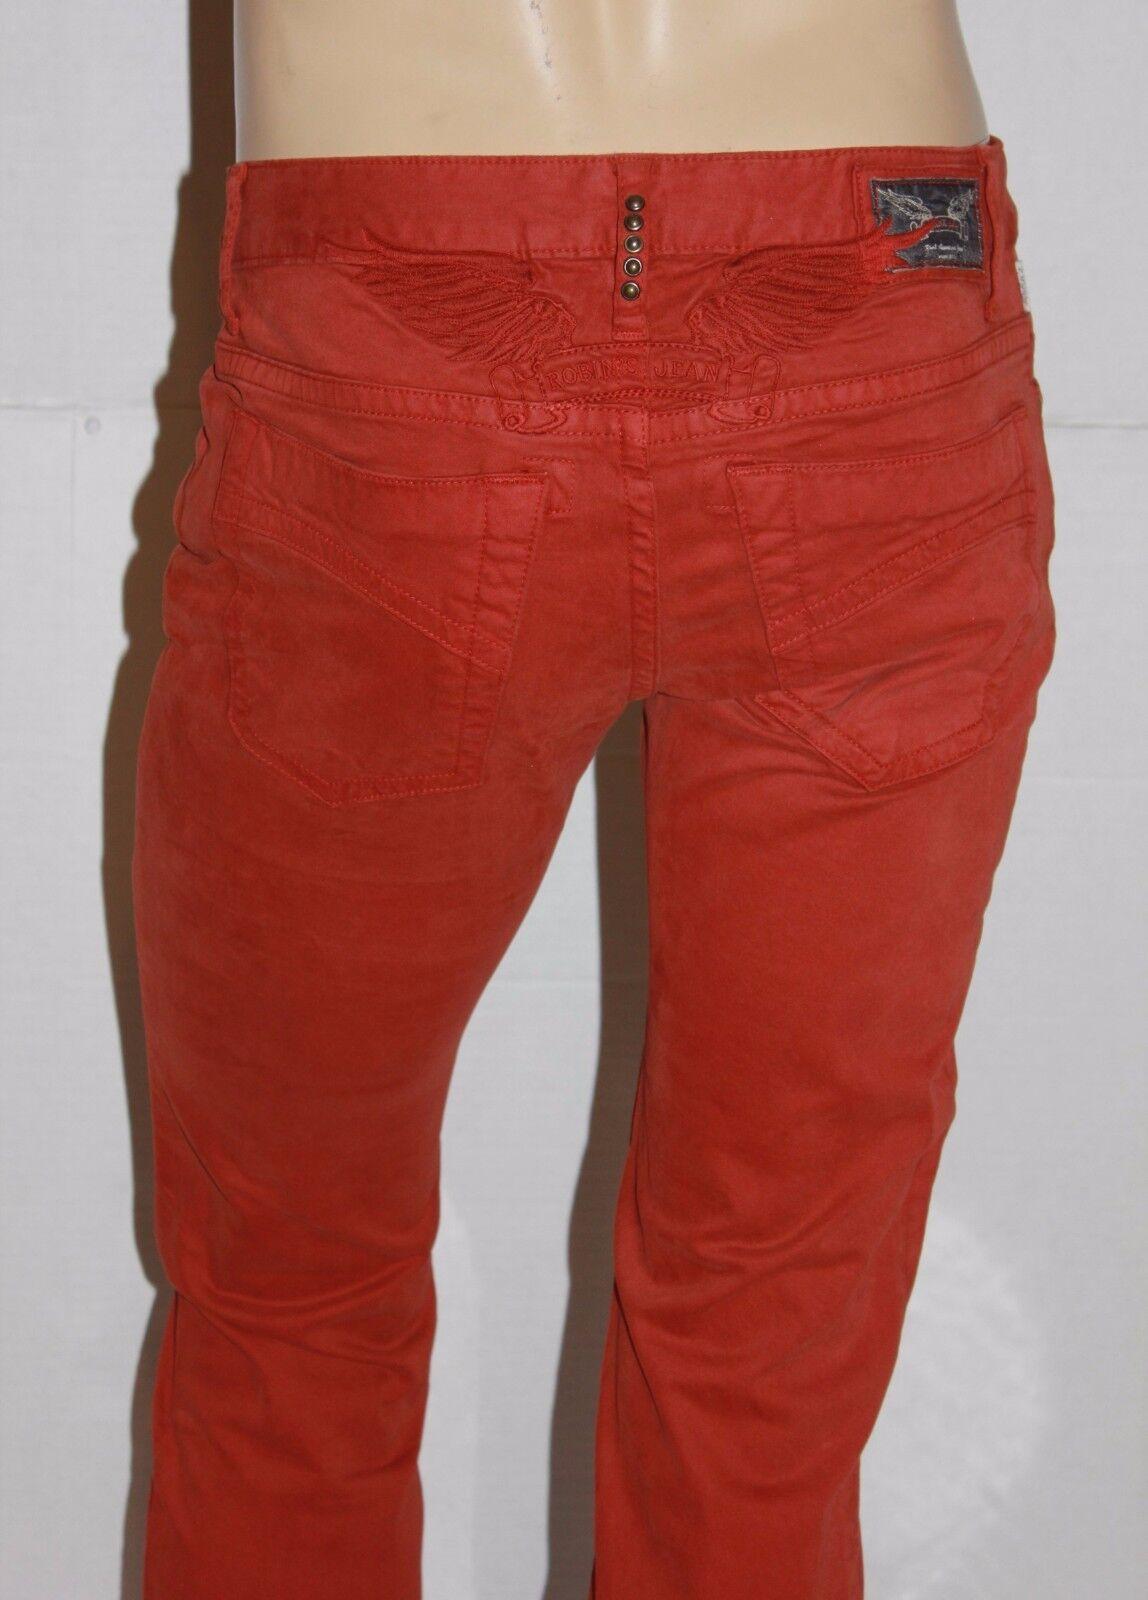 Neu Herren ROTKEHLCHEN Jeans Stil  SP5140 Marlon Enge Hosen Jeans - Orange | Zuverlässige Leistung  | Sale Outlet